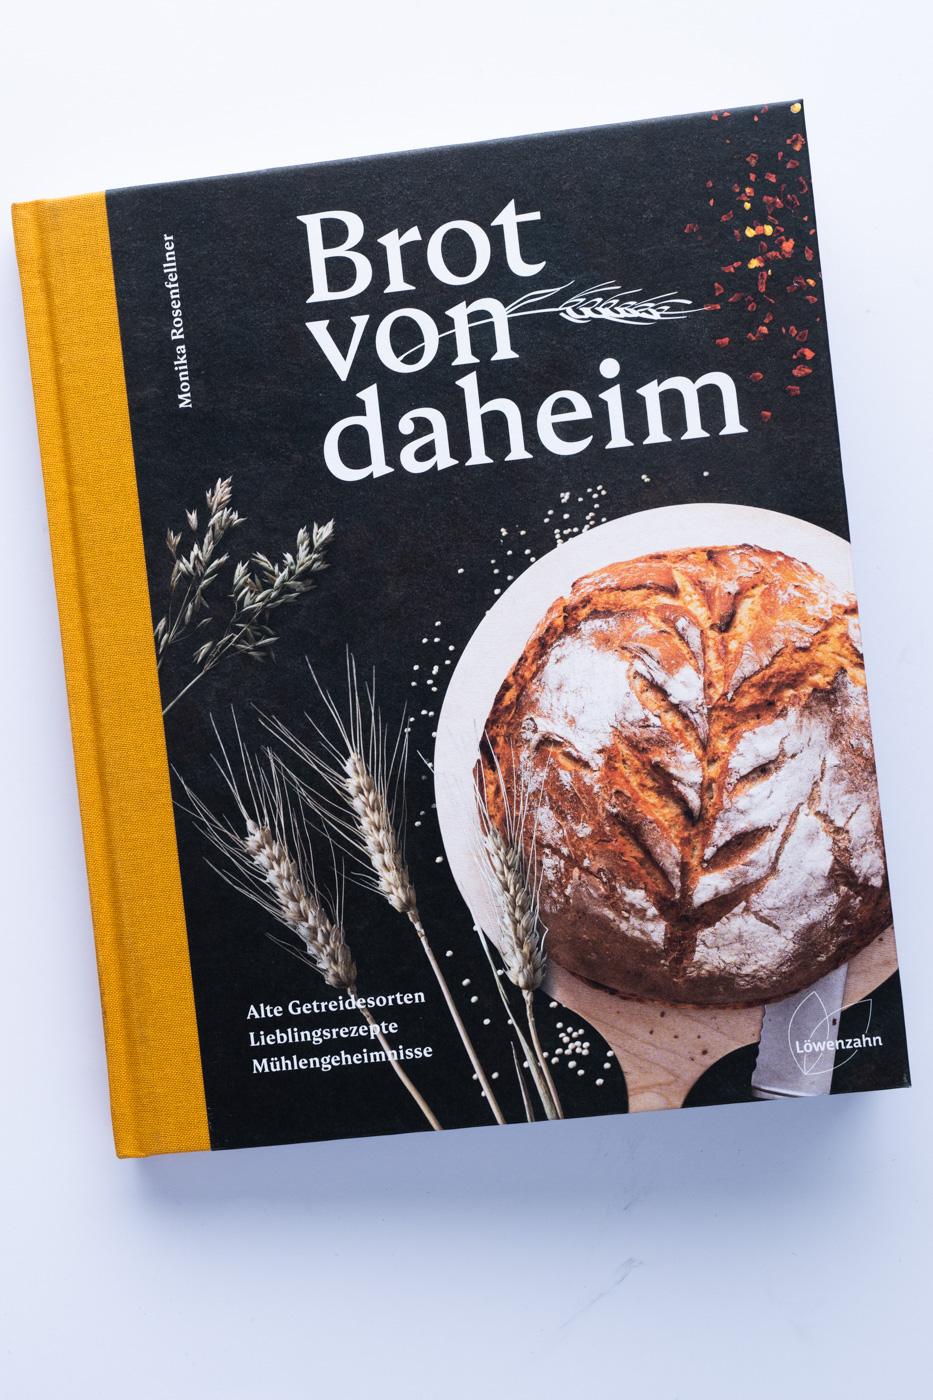 brot von daheim Löwenzahnverlag